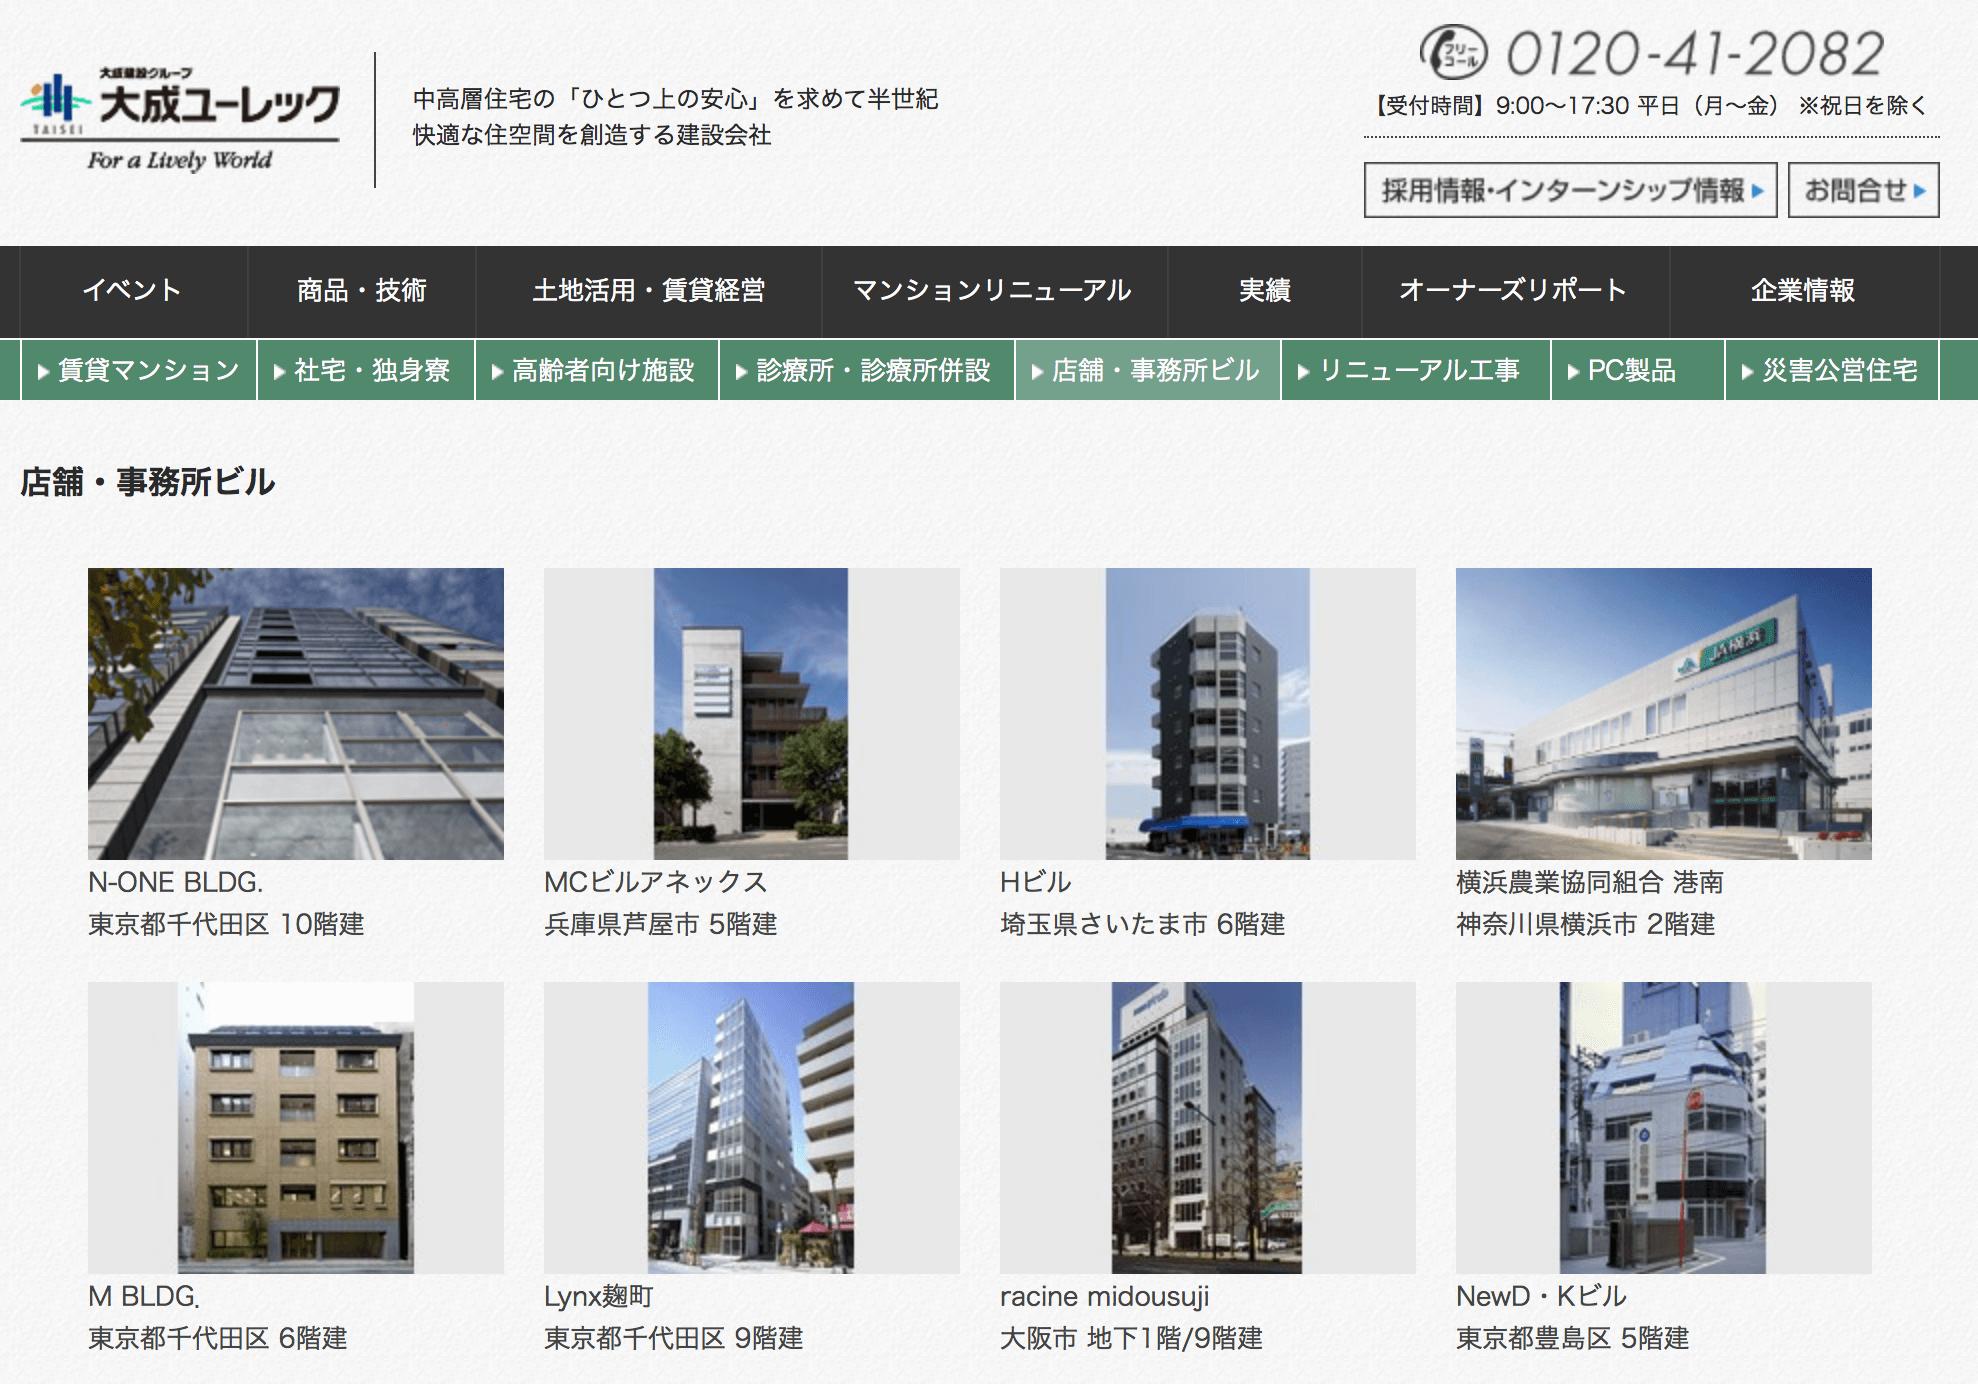 大成ユーレック株式会社の公式ページ